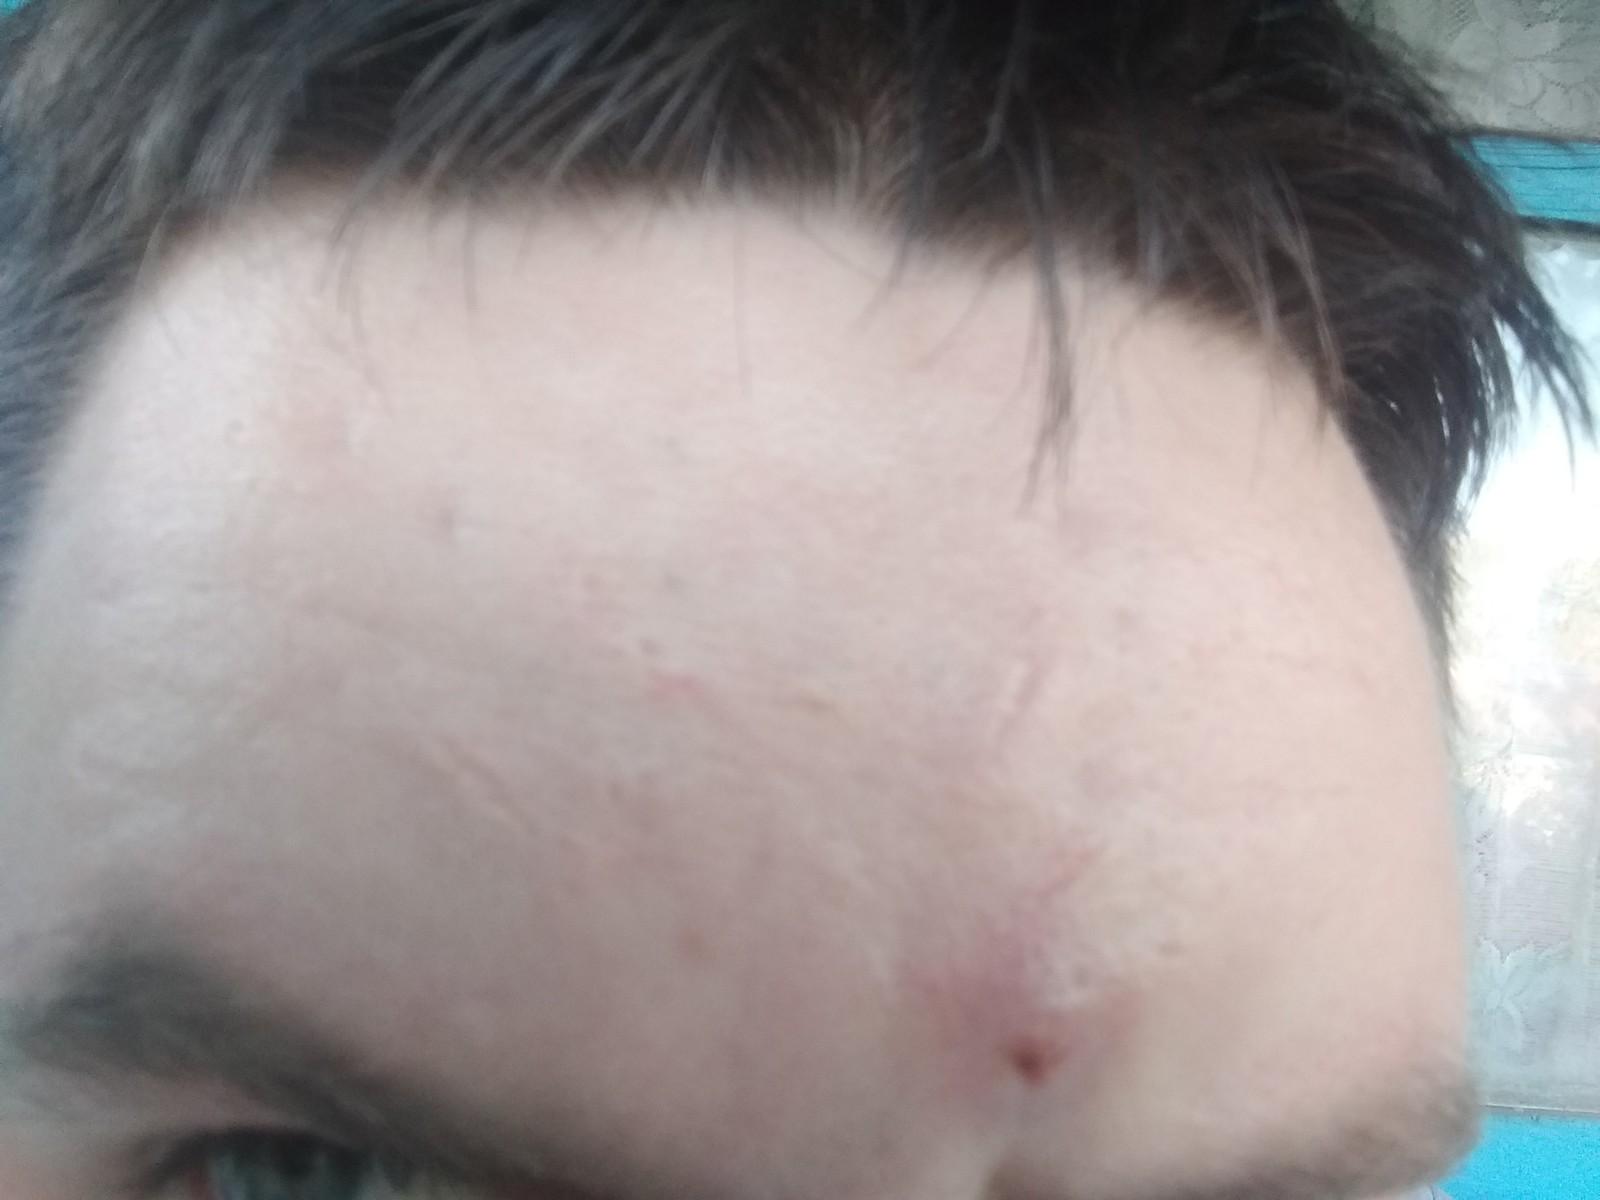 Белые точки на губах под кожей (жировики): фото снаружи и внутри ...   1200x1600